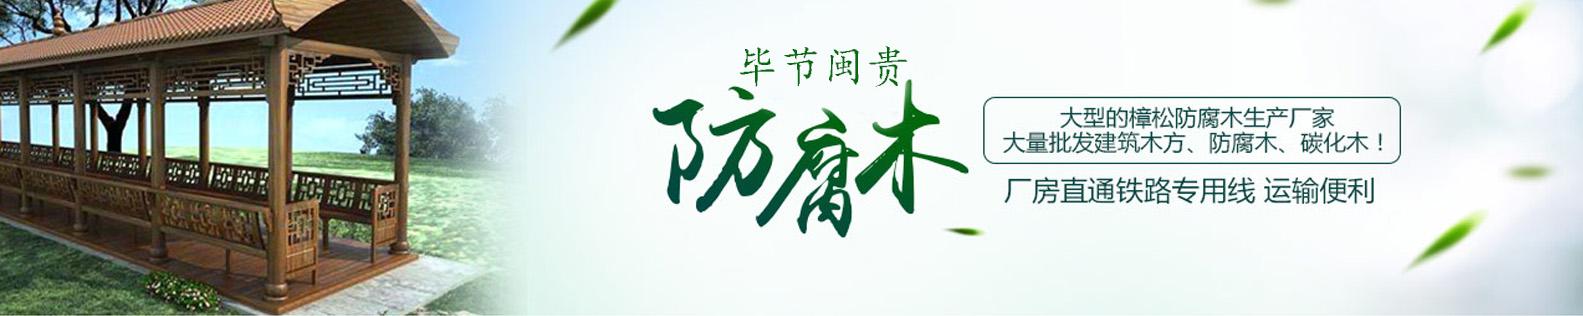 贵州闽贵景观林木业有限公司产品性能